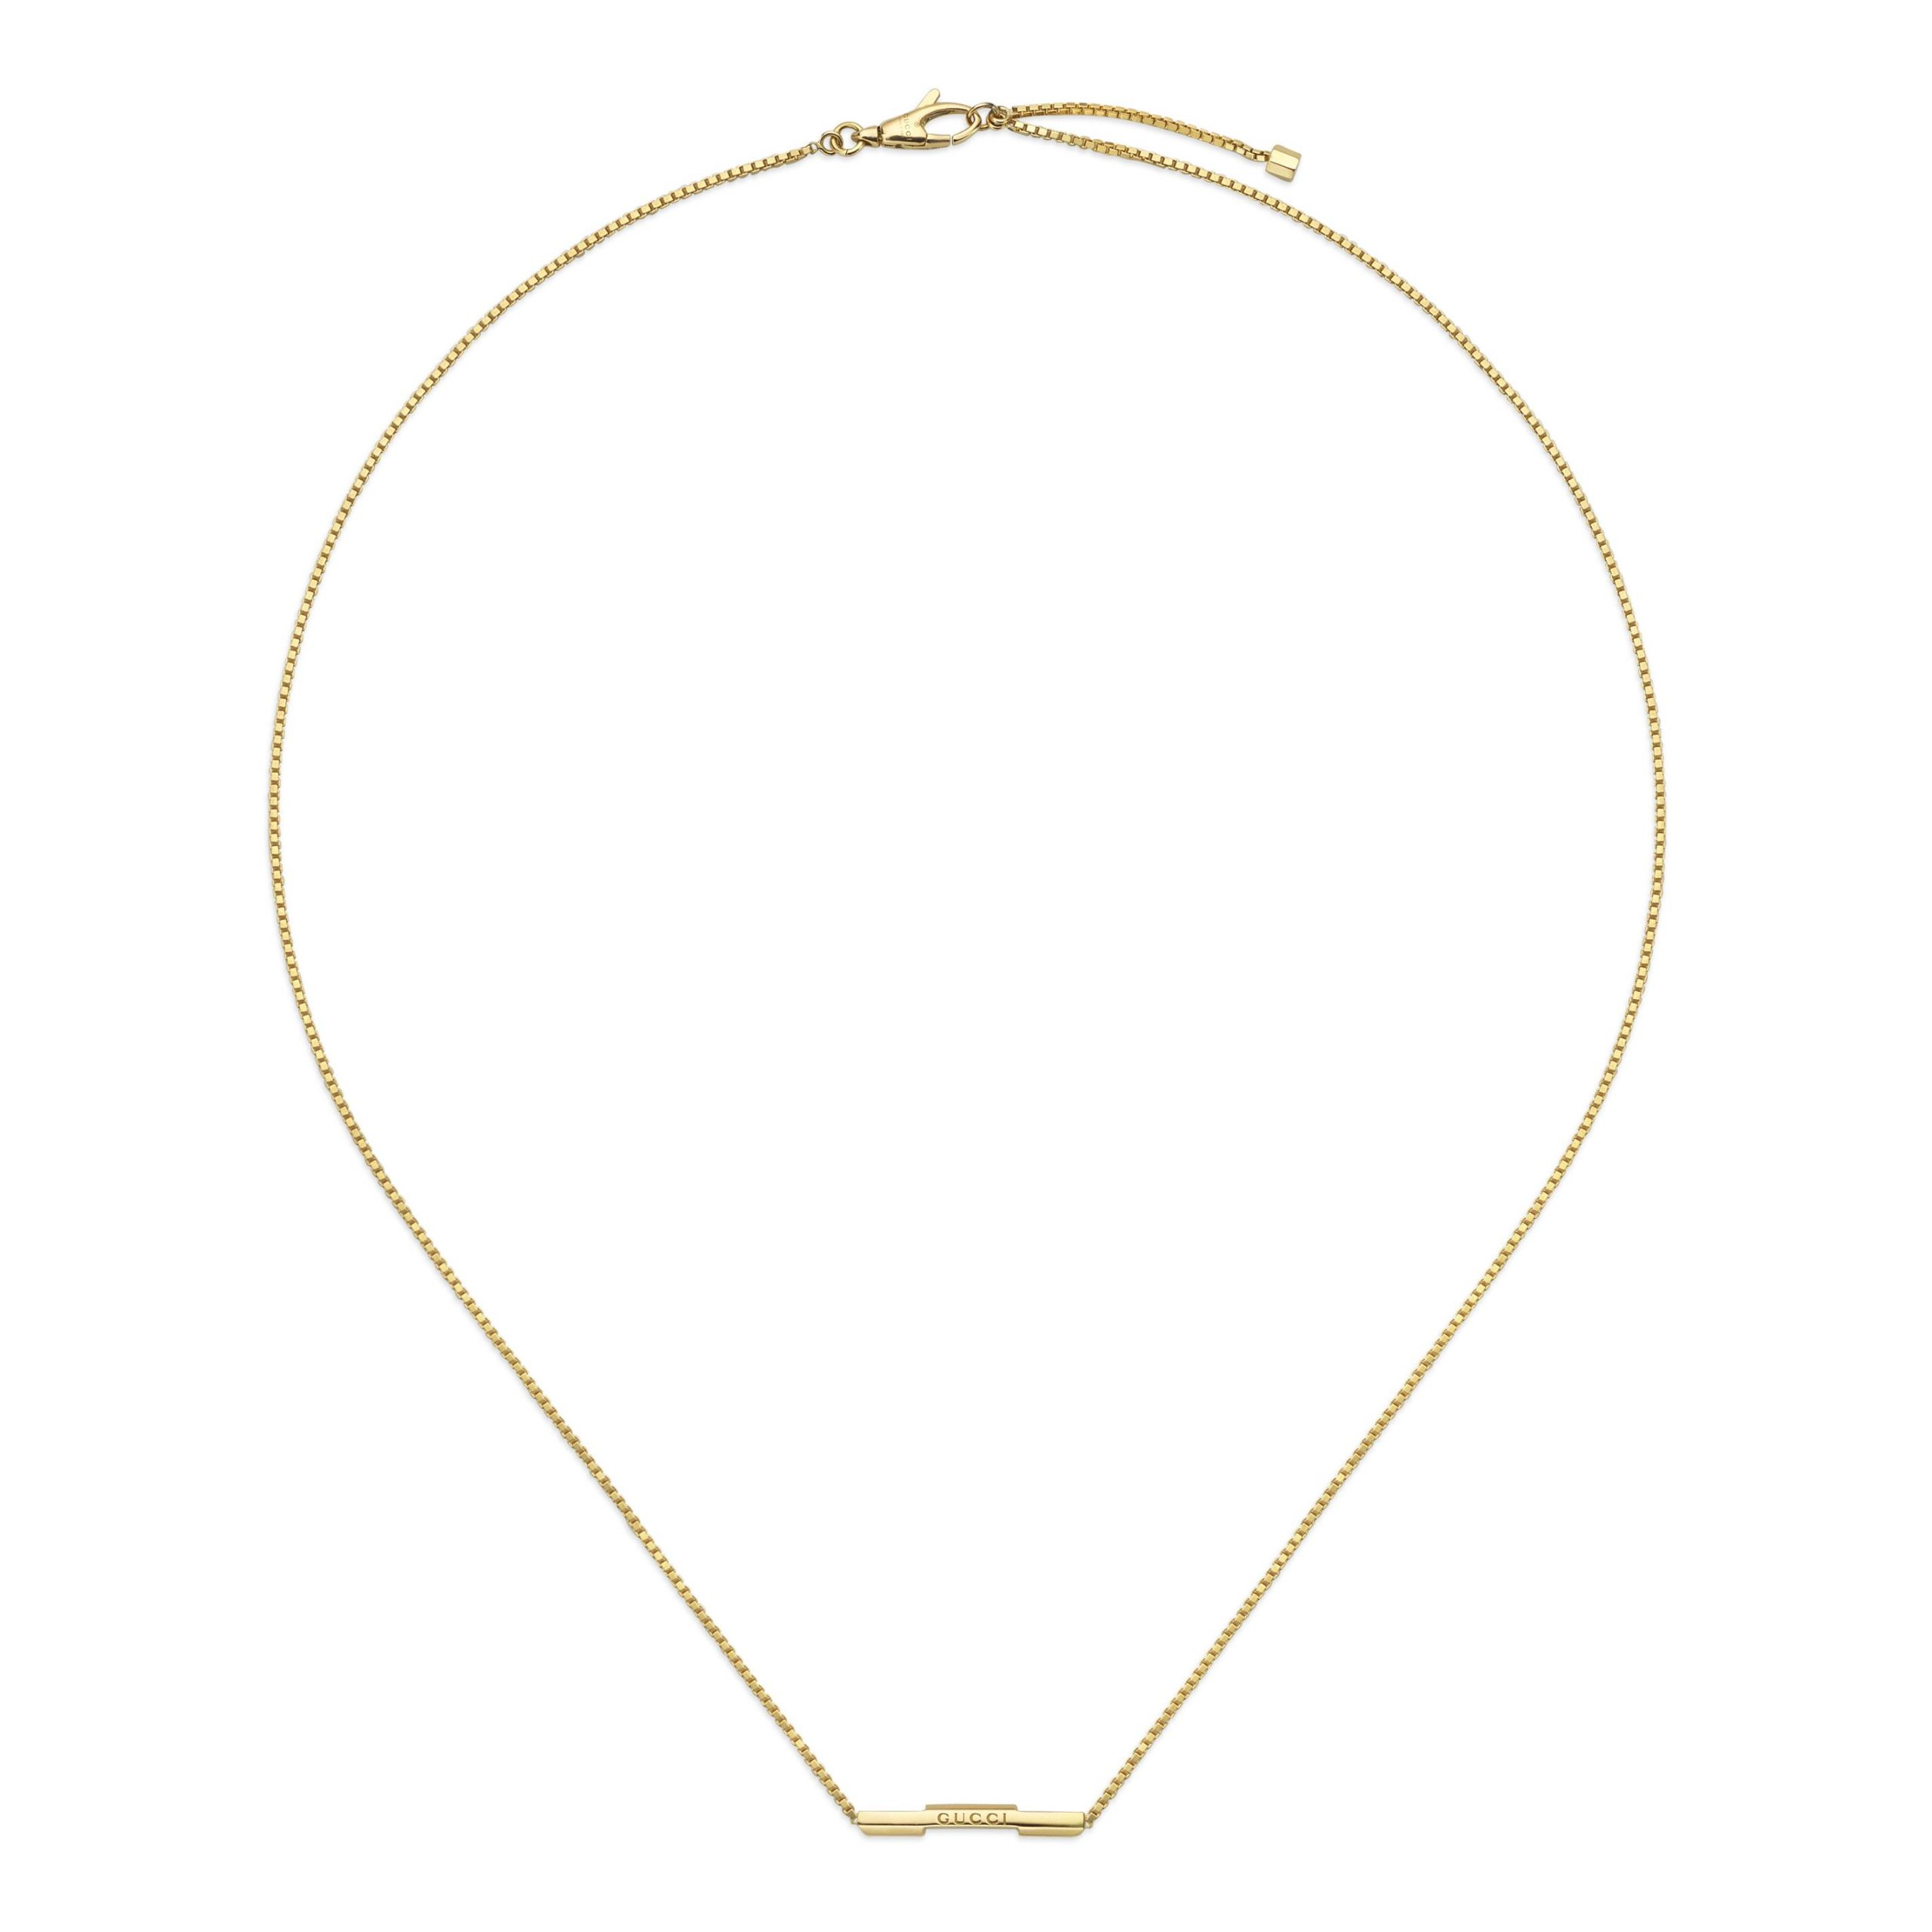 YBB662108001_001 gucci link necklace collana barretta sconto discount